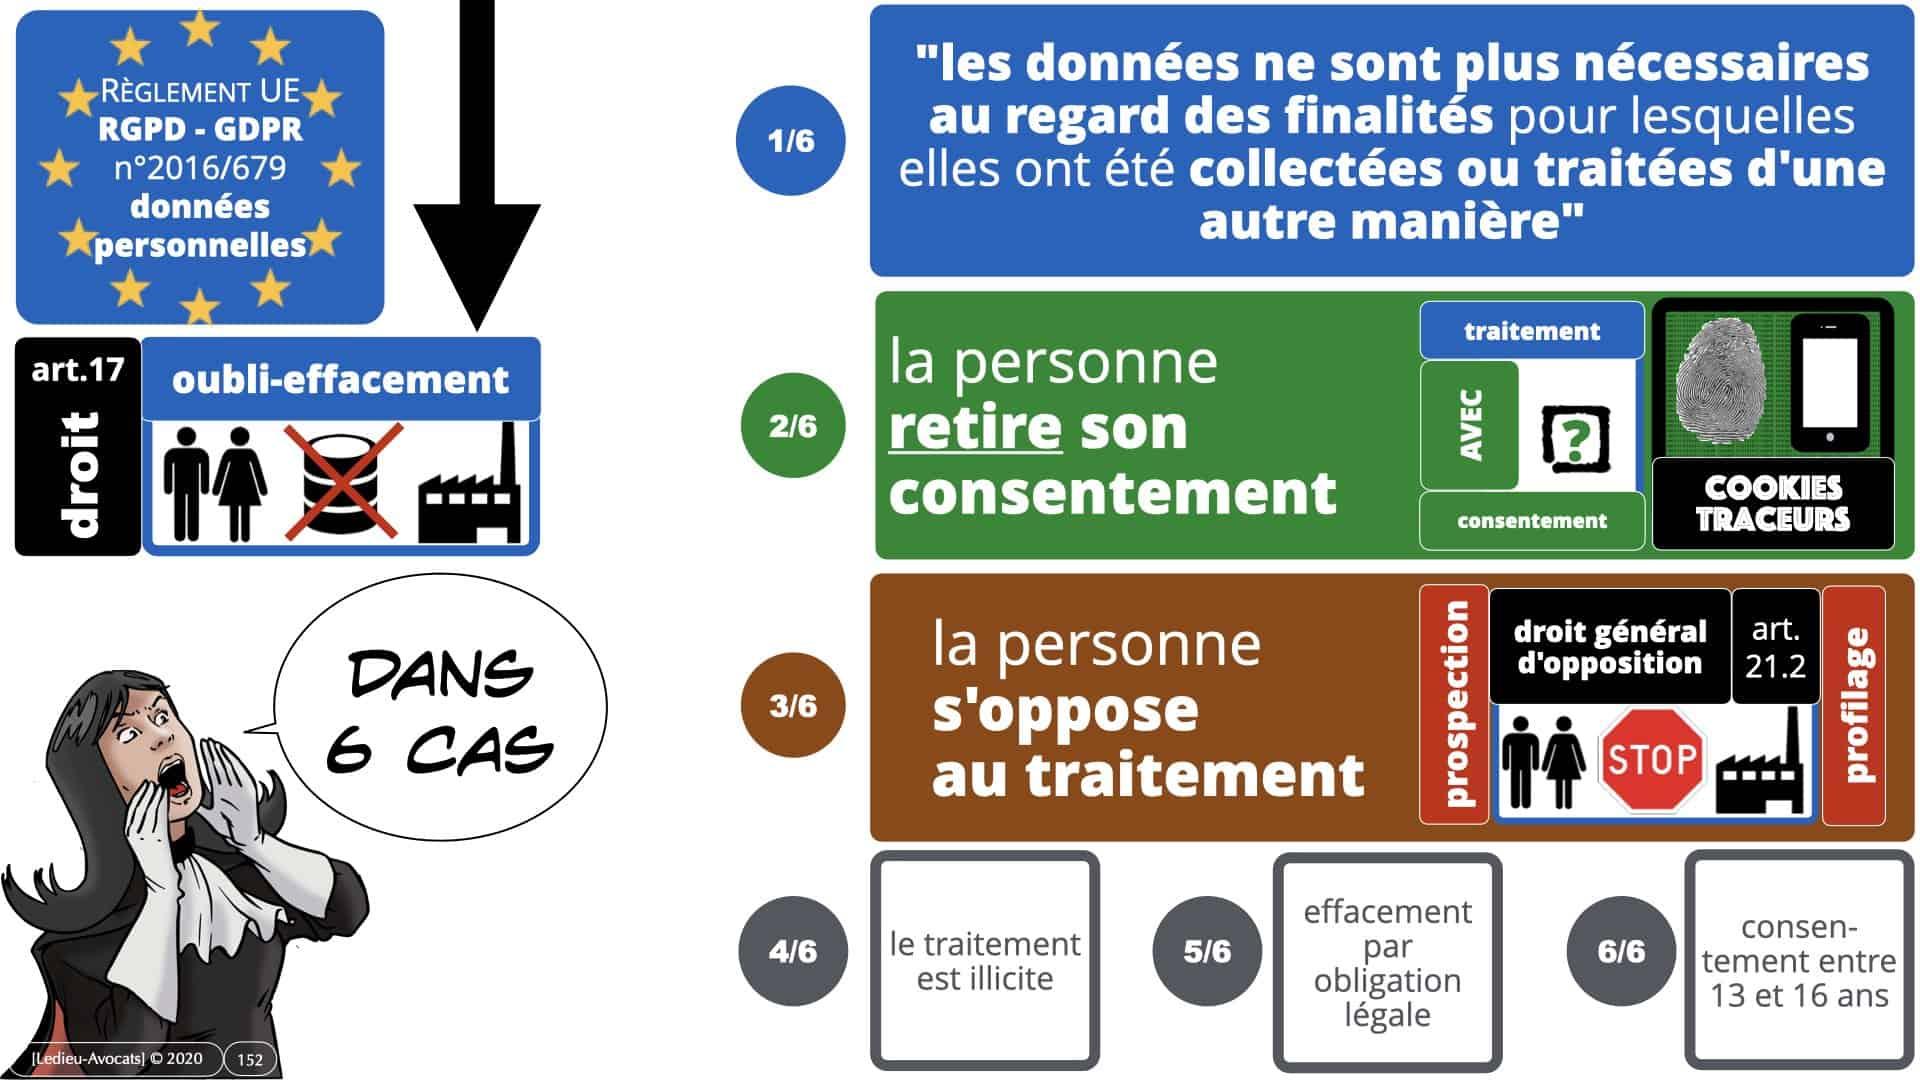 RGPD e-Privacy données personnelles jurisprudence formation Lamy Les Echos 10-02-2021 ©Ledieu-Avocats.152